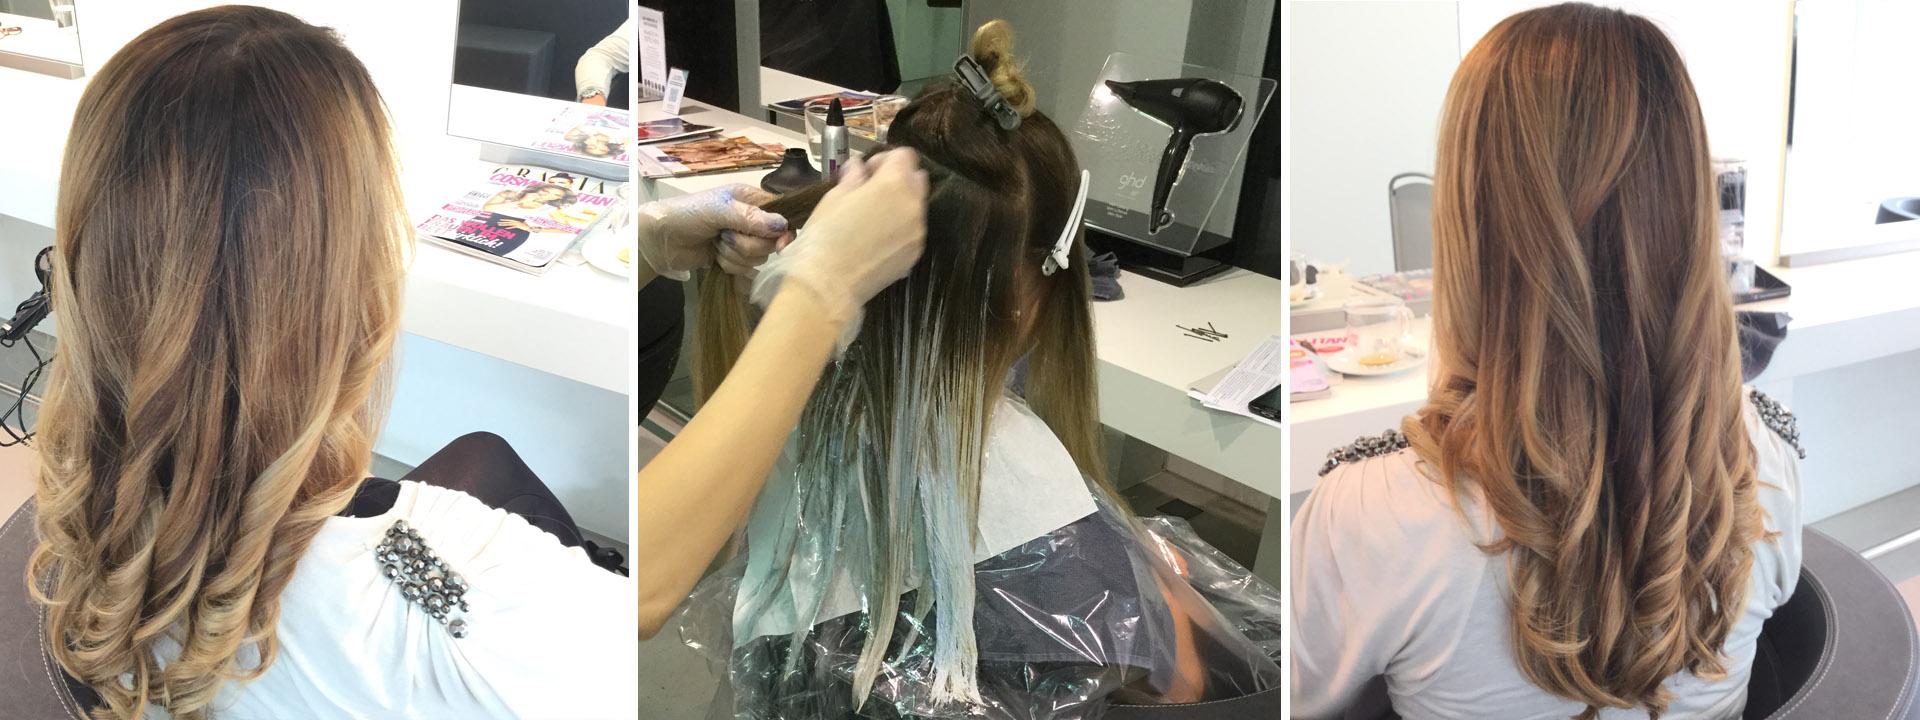 Haargenau Kleve Balayage Frisuren und Technik